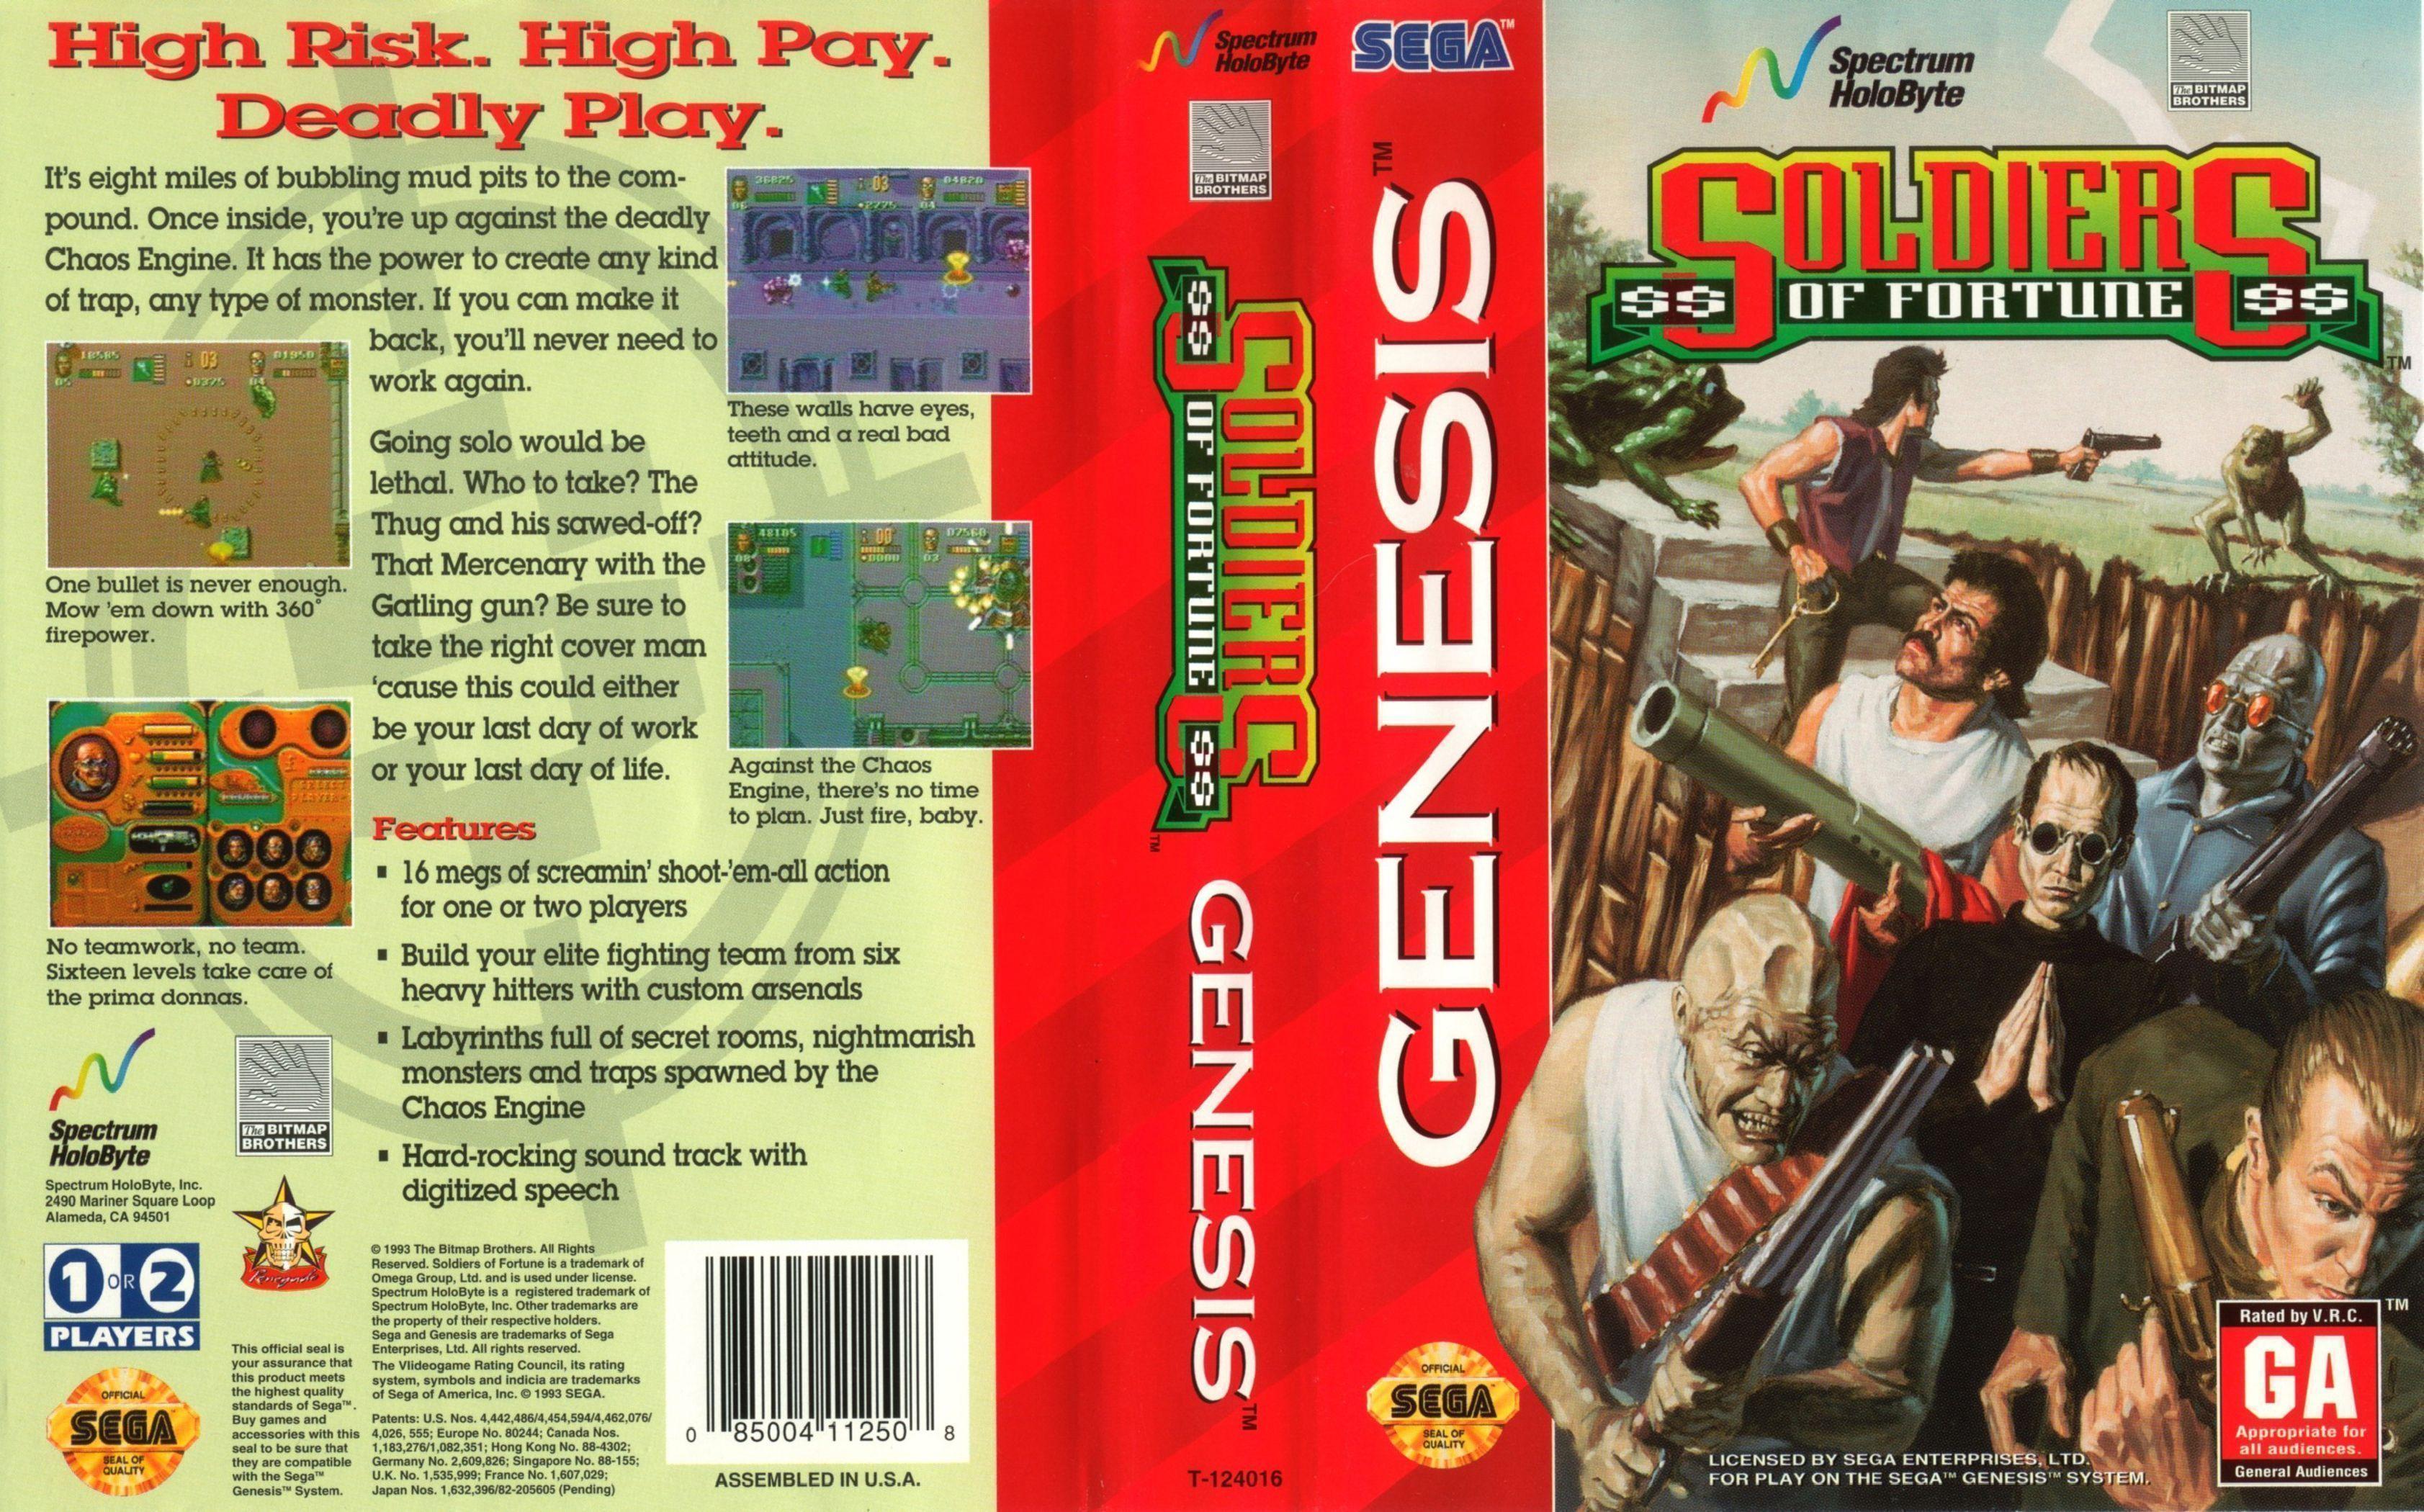 Soldiers Of Fortune [b1] ROM - SEGA Genesis (Genesis